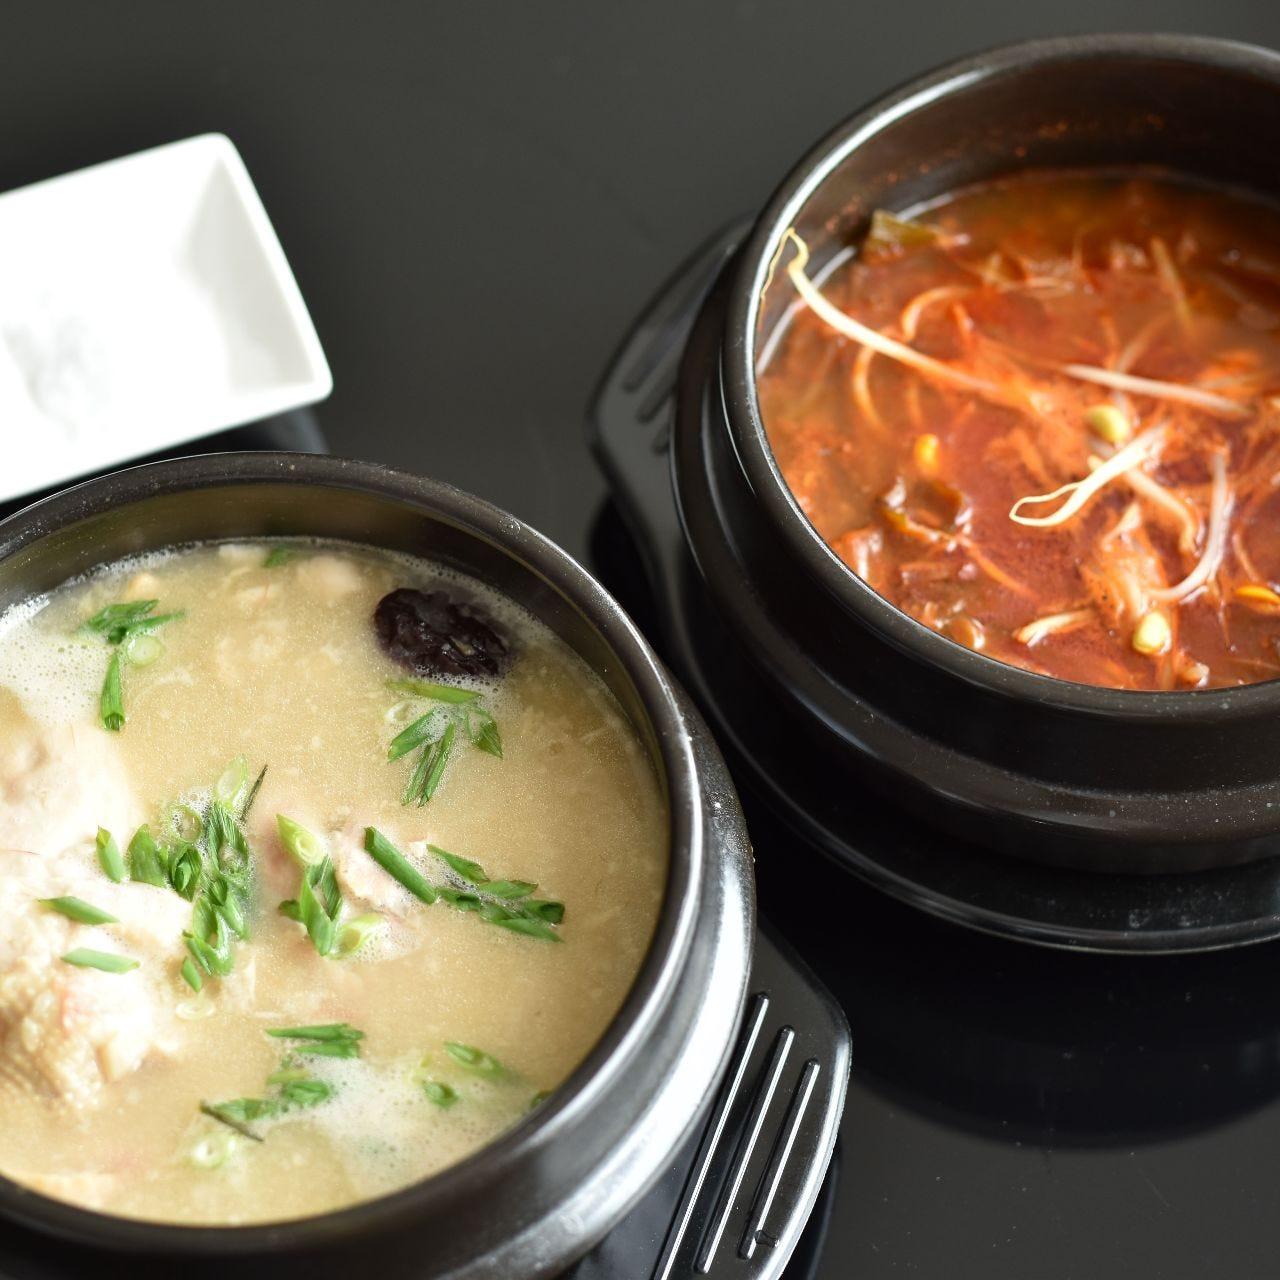 11月より新メニューとなった「参鶏湯」「ユッケジャンスープ」